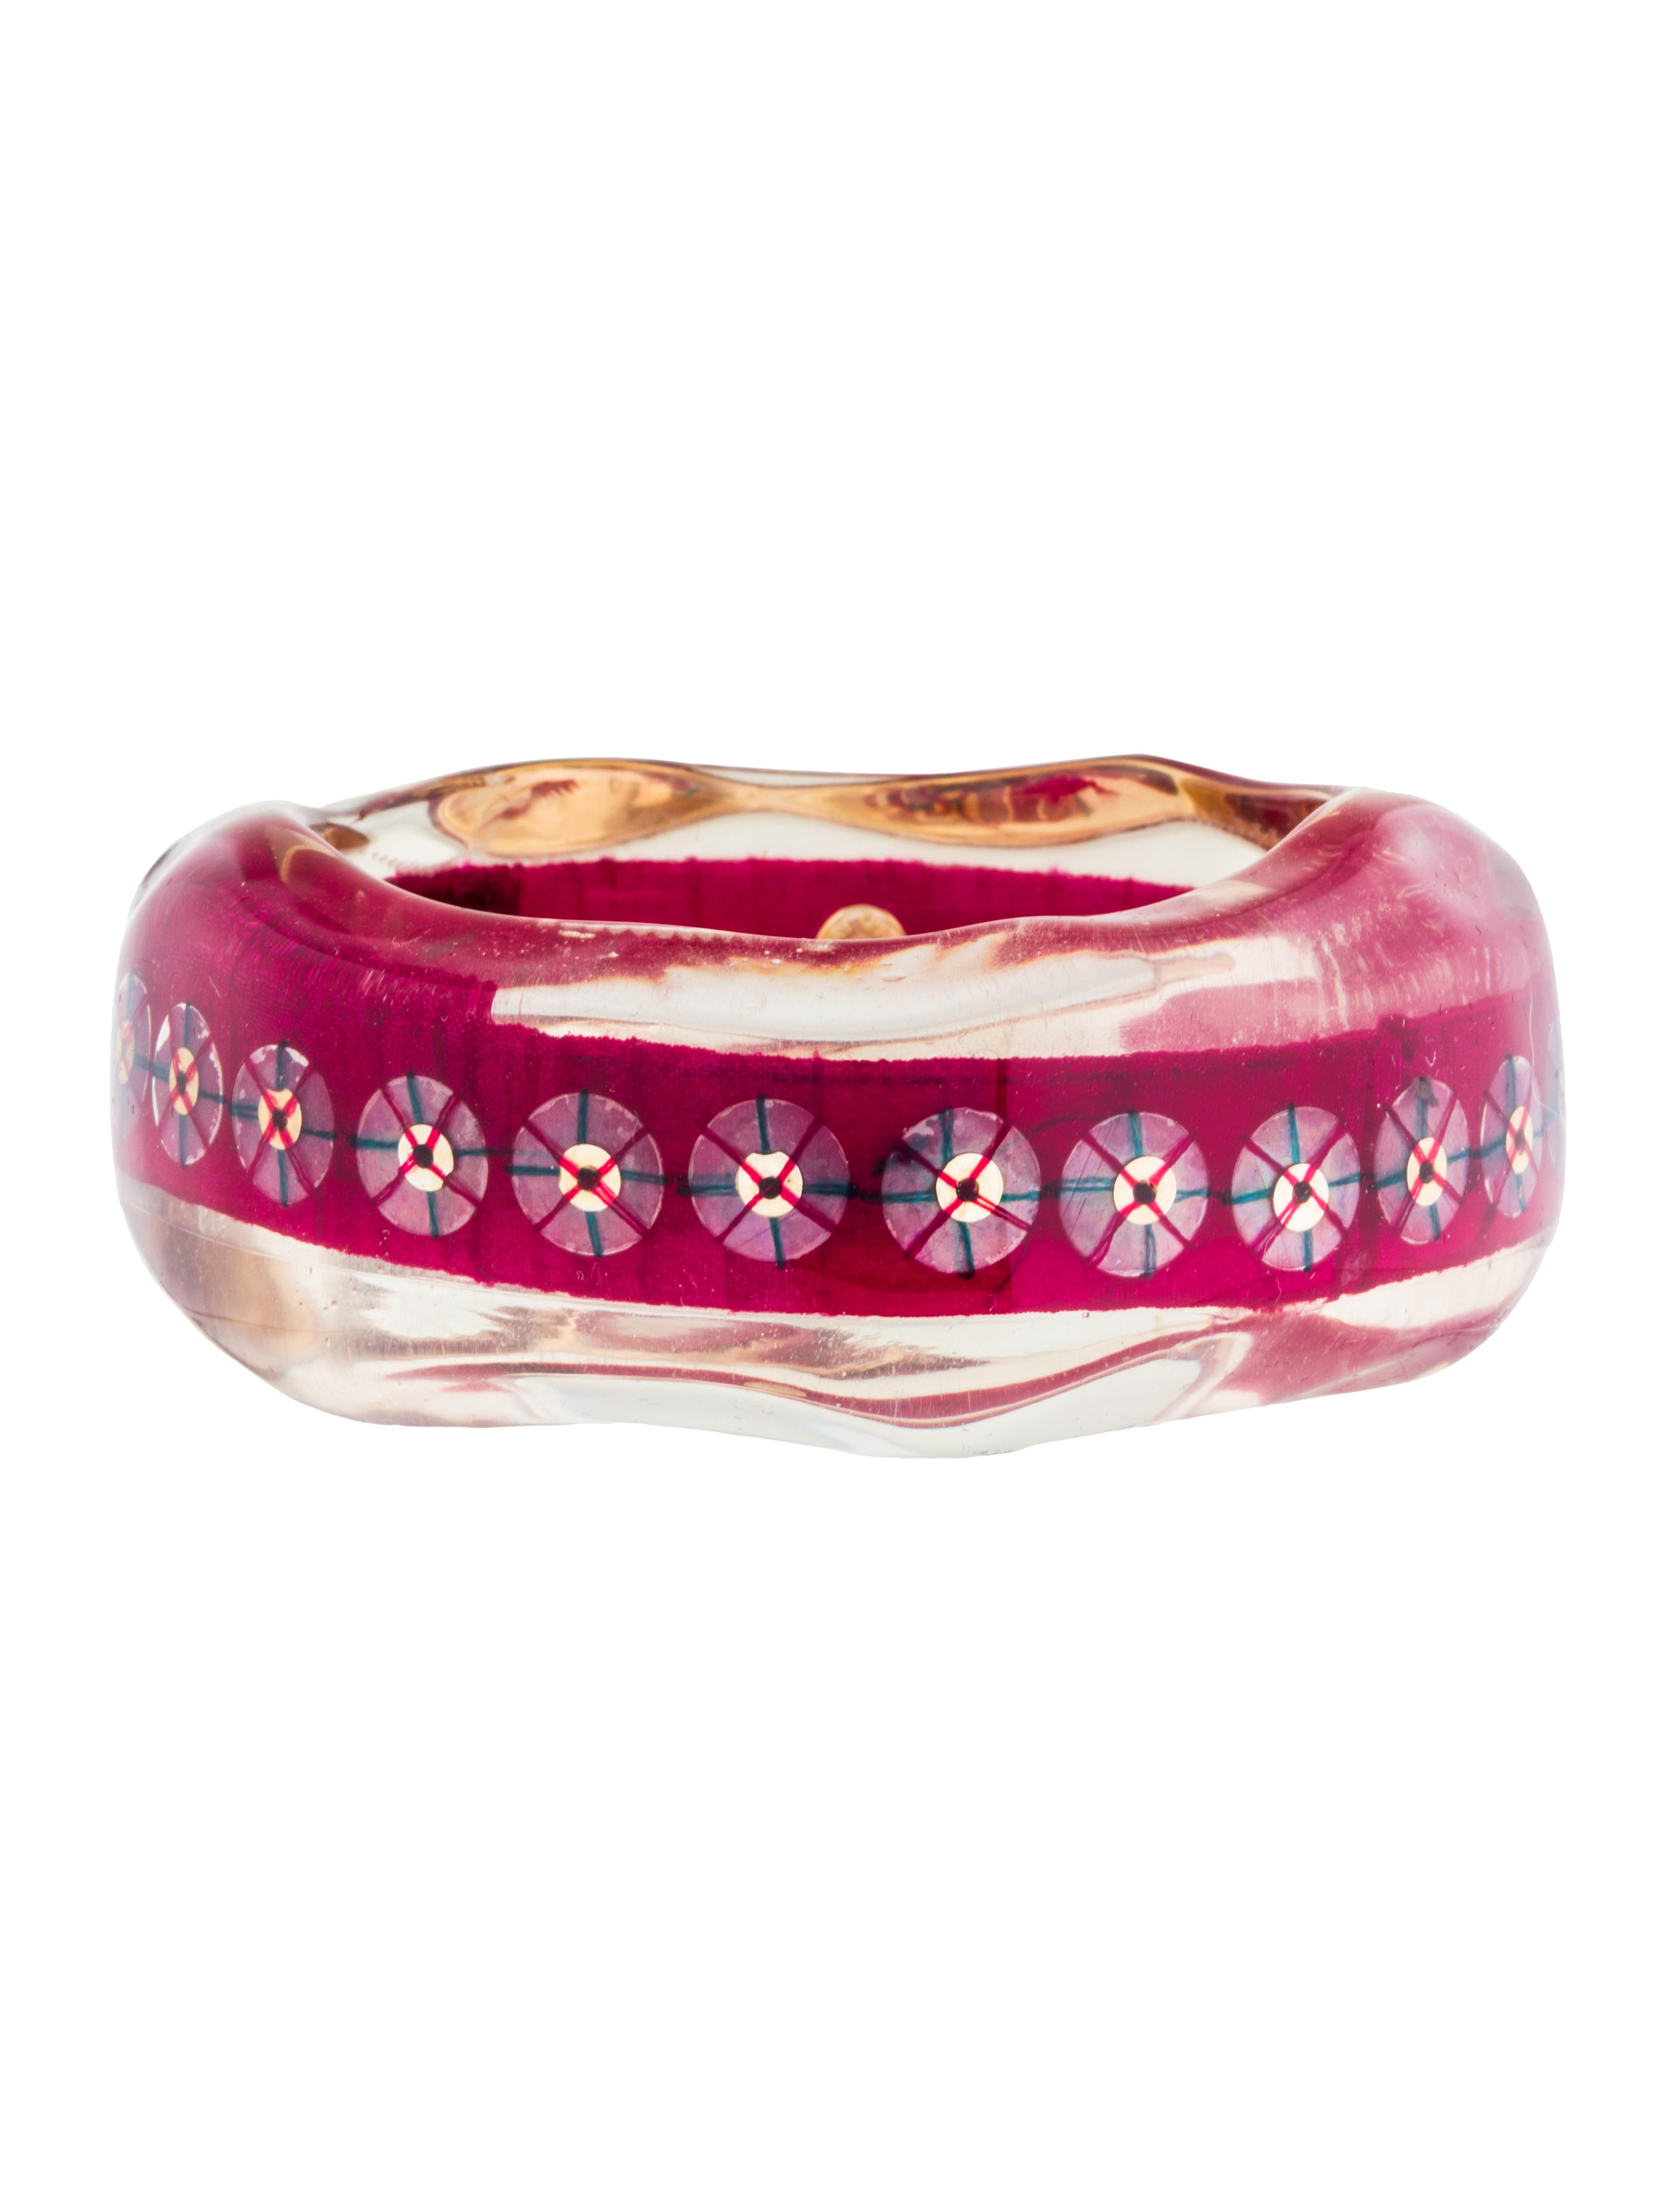 Christian Lacroix Large Resin Bangle Bracelets